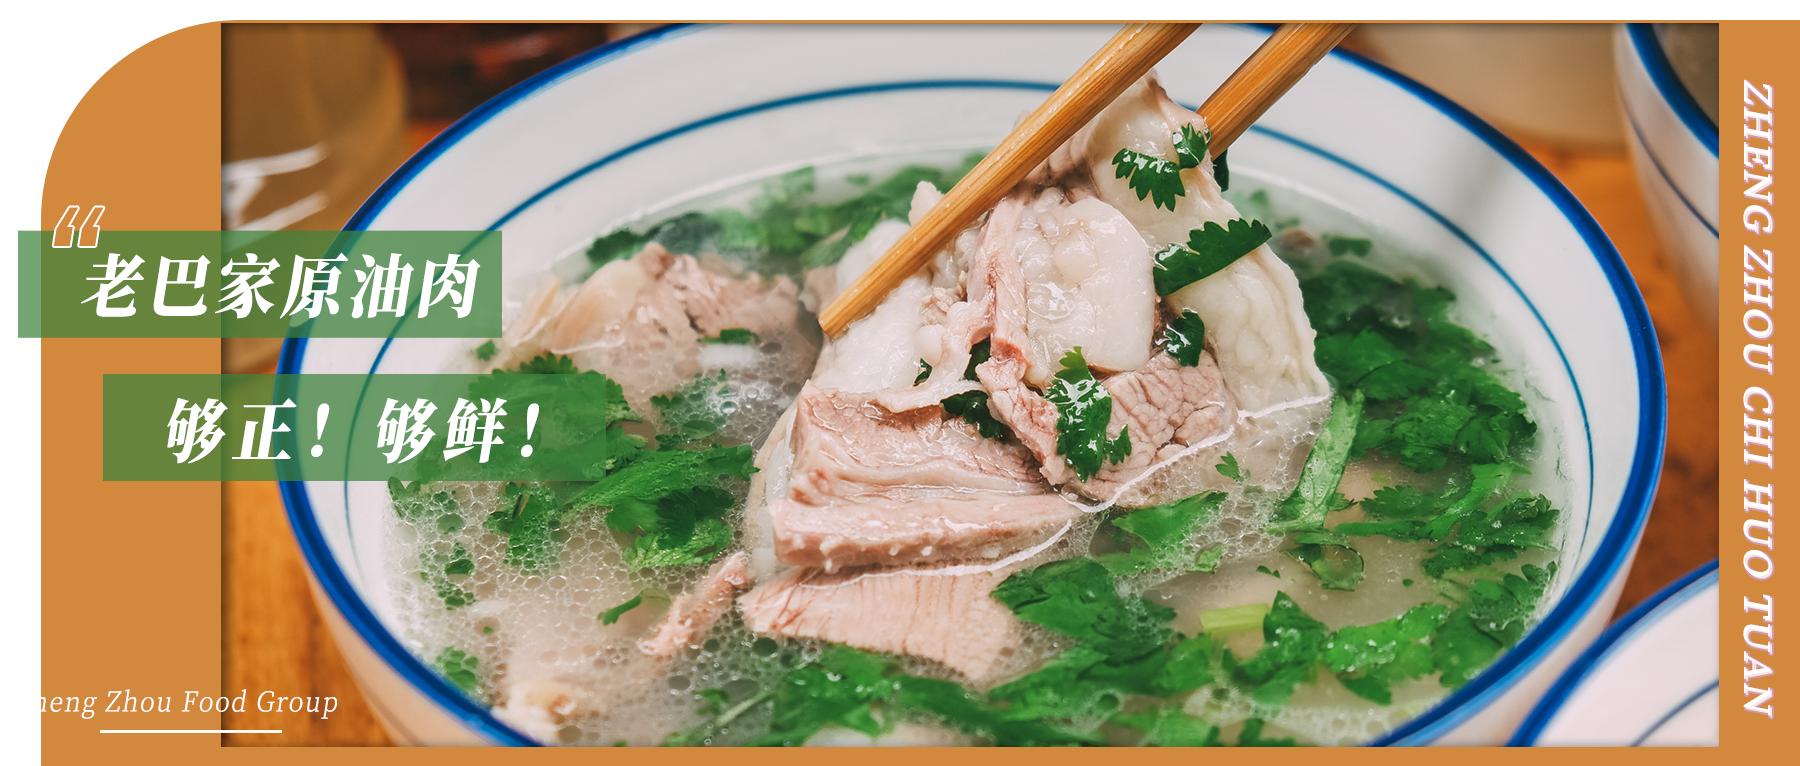 老郑州原油肉,藏在街巷里,外地人根本找不到!